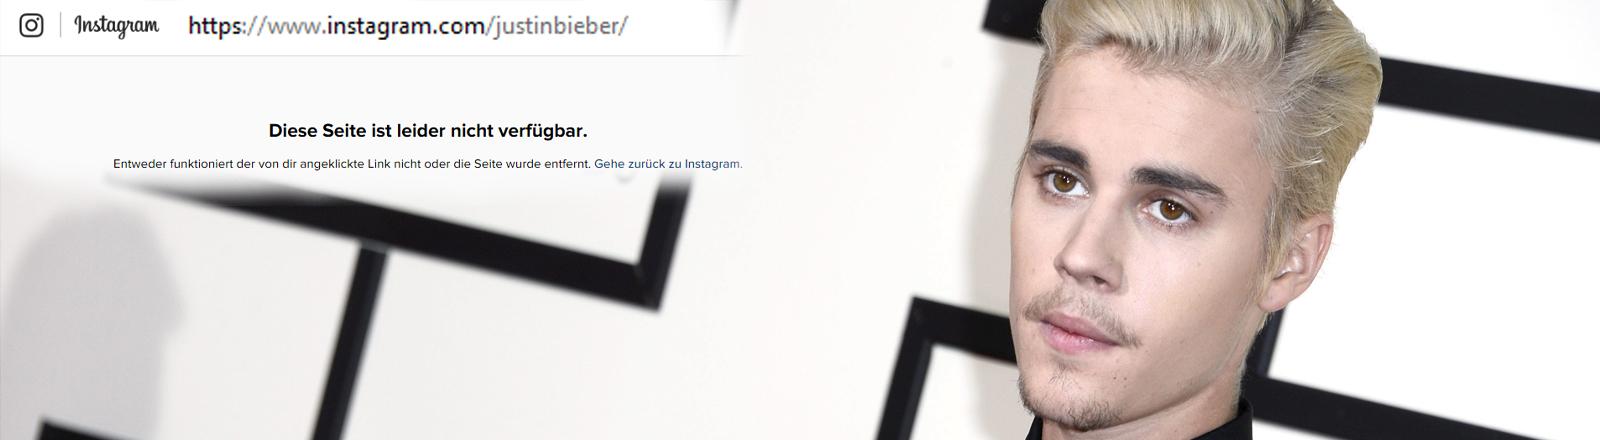 Justin Bieber hat seinen Instagram-Account gelöscht